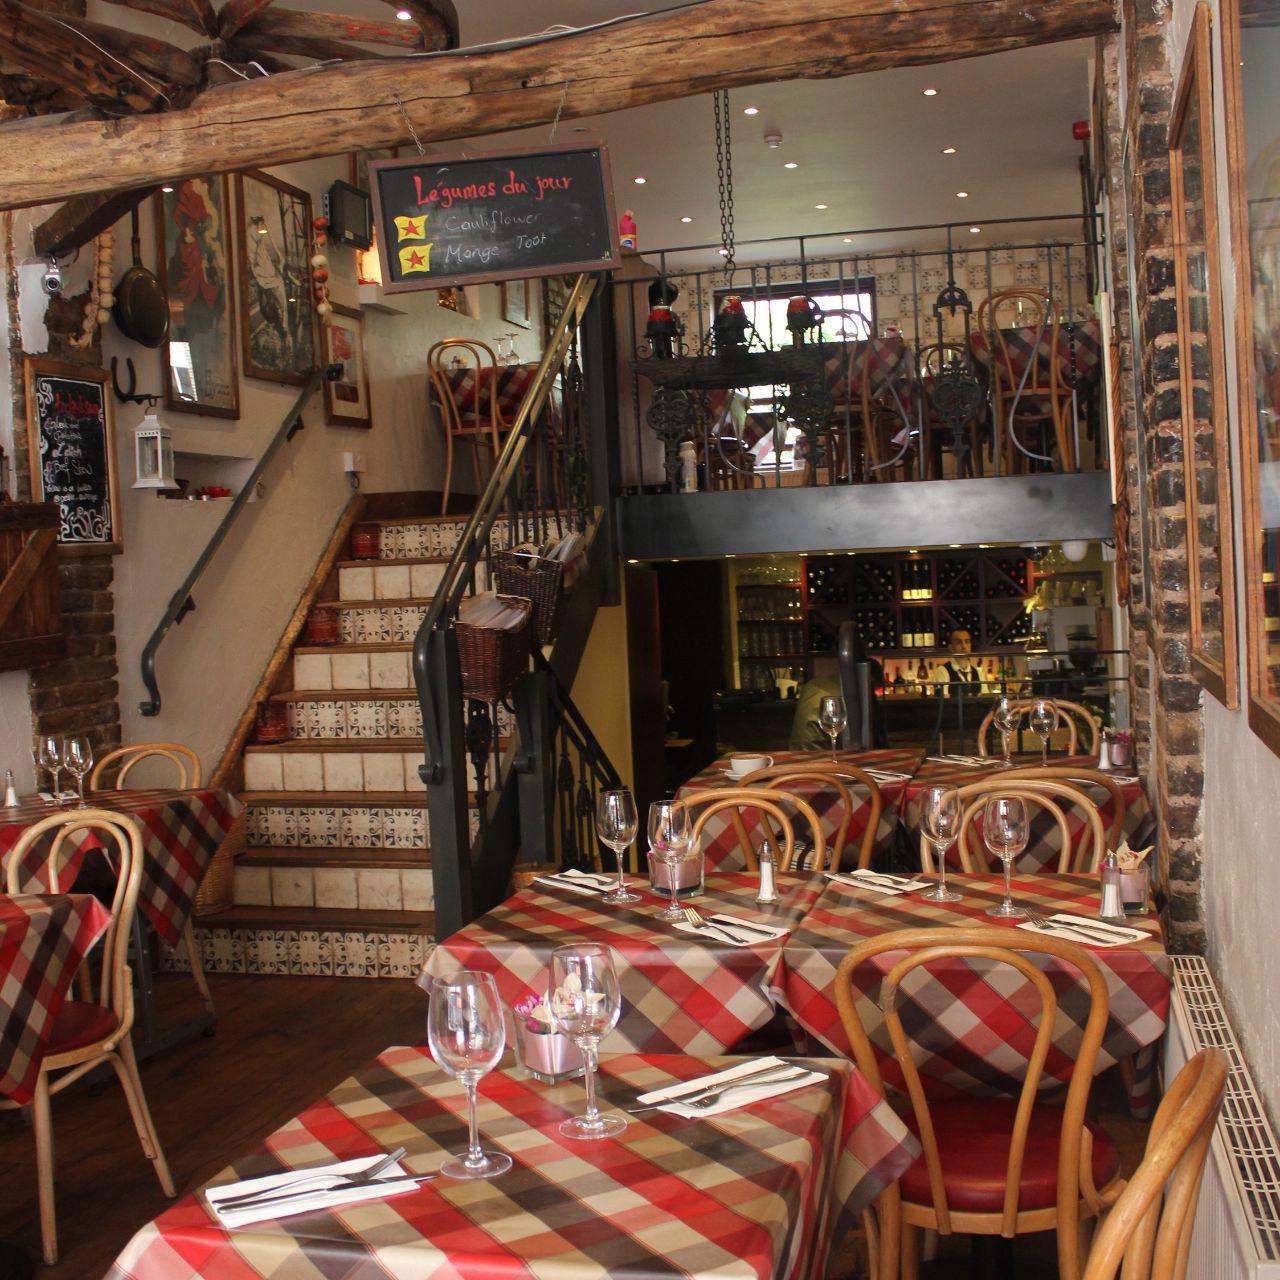 La Petite Auberge Restaurant London Opentable